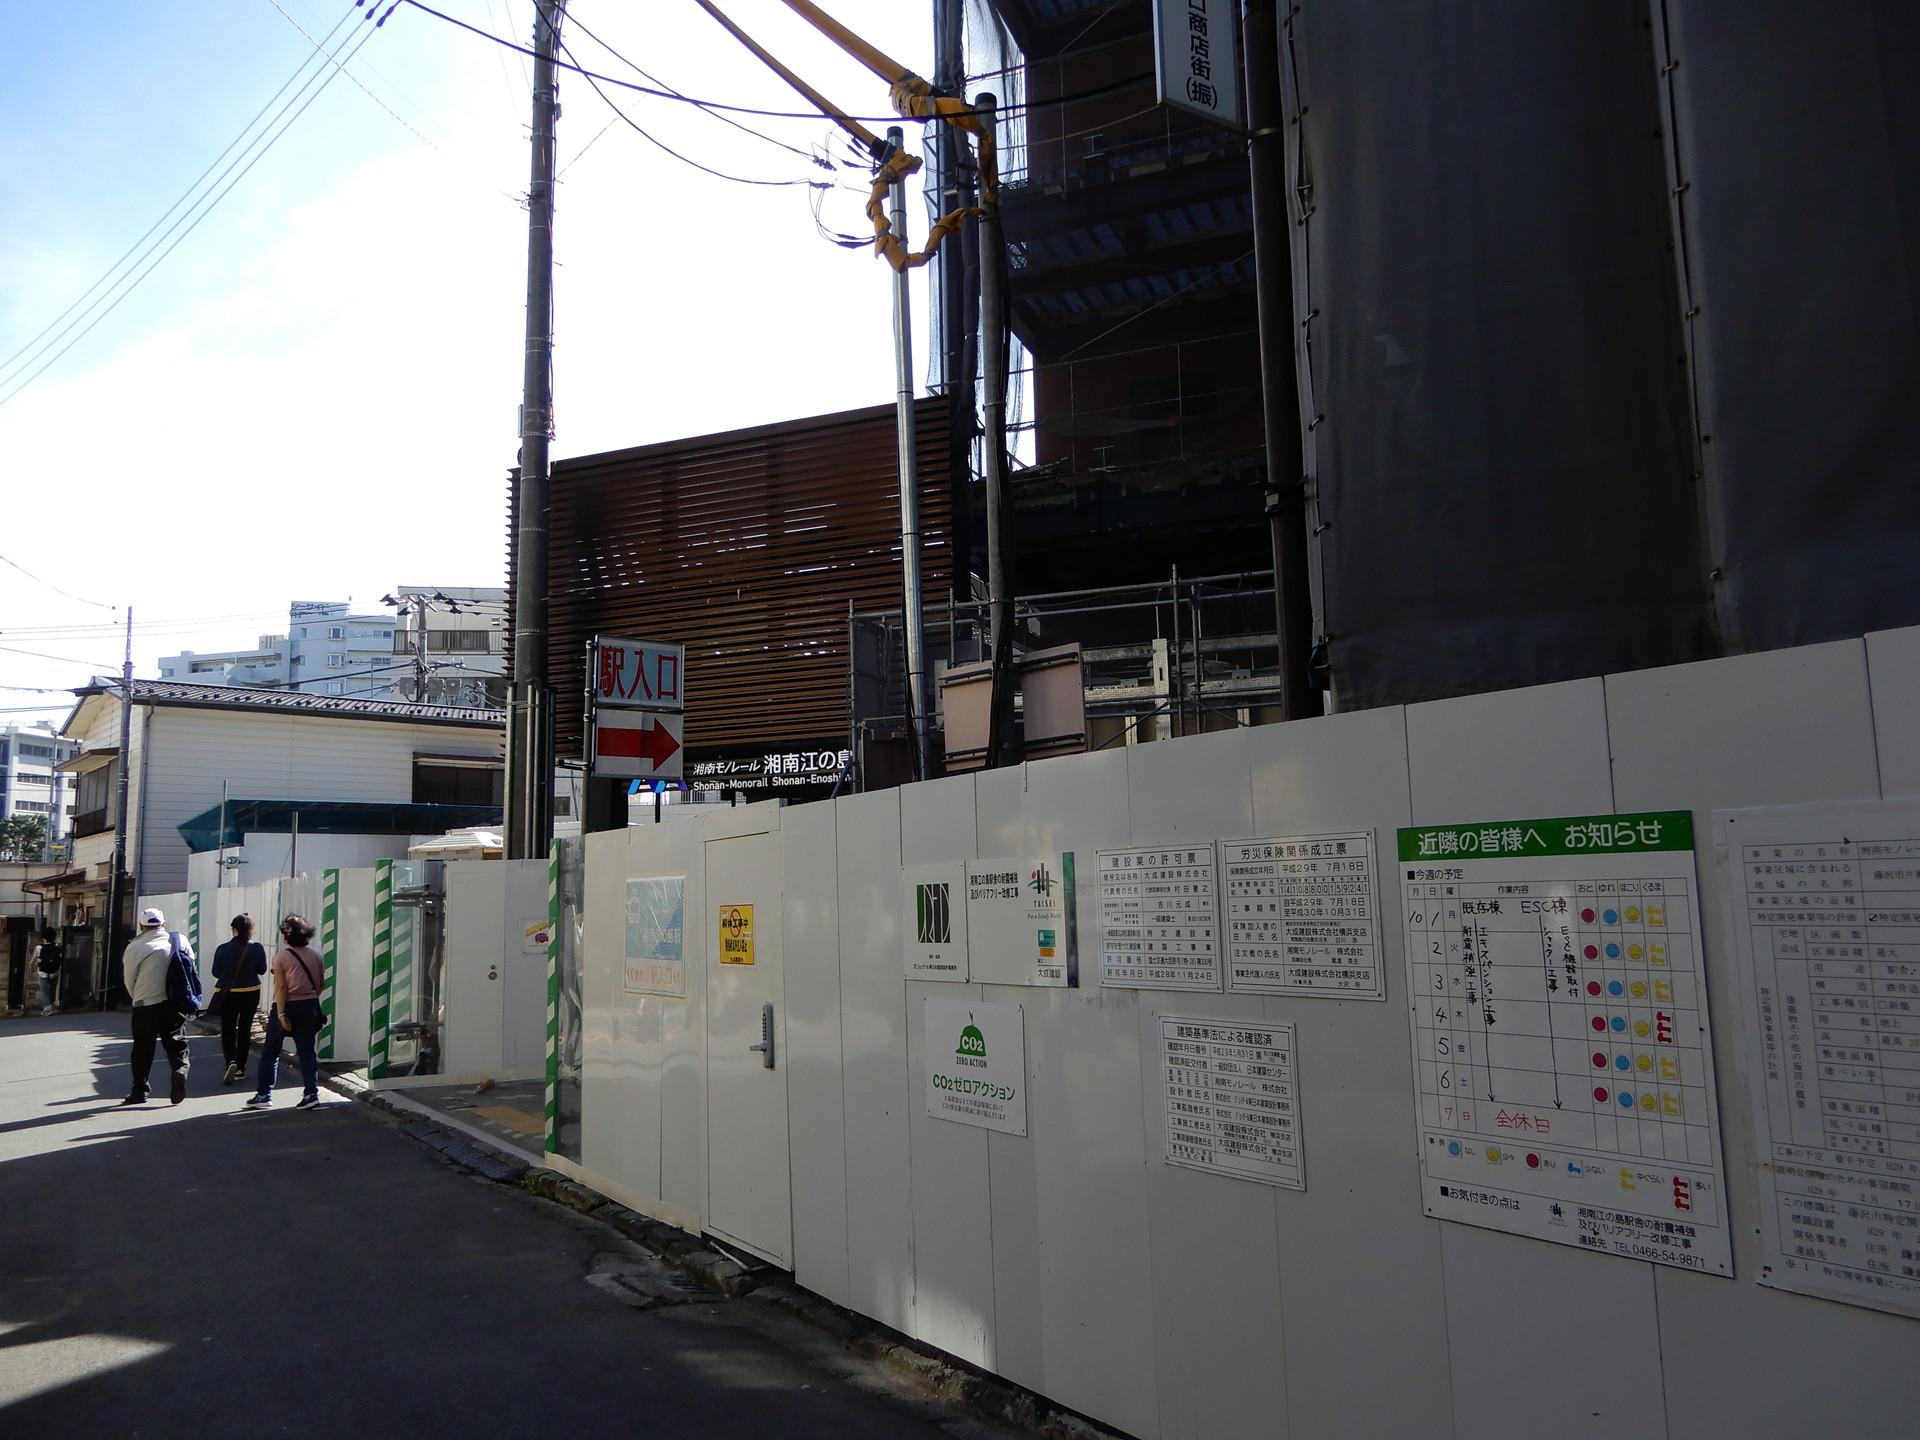 鎌倉口前の仮囲いと掲示